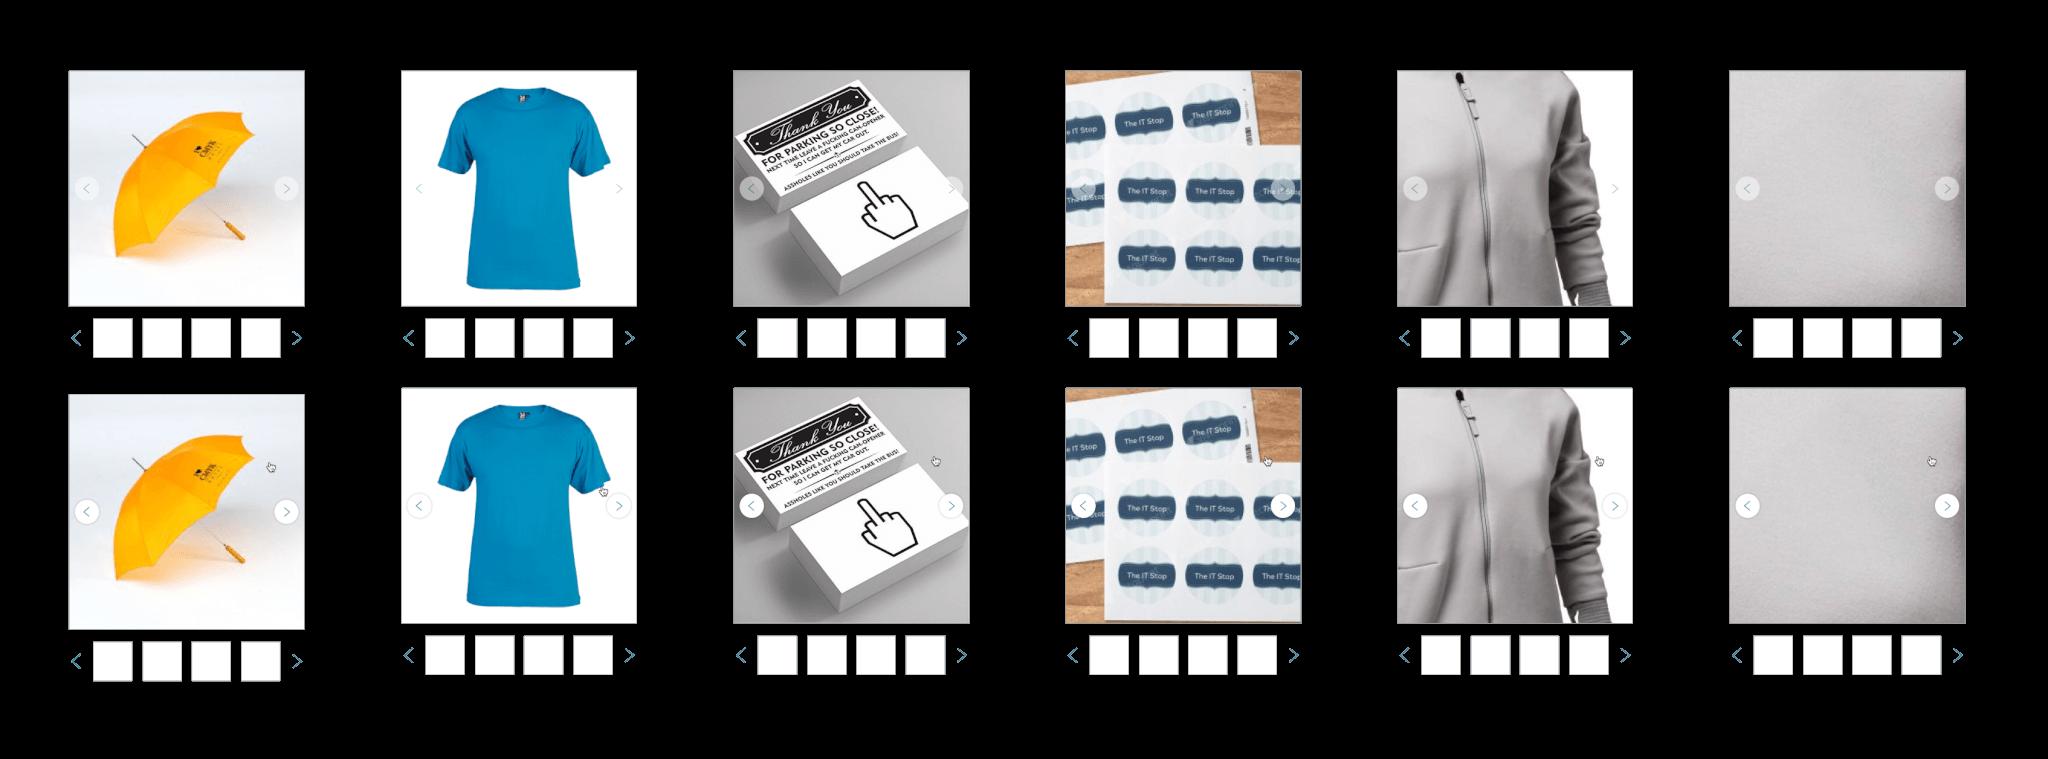 Příklady zobrazení fotek se zobrazenými šipkami v základním pohledu, šipky jsou pouze mírně upozaděné.